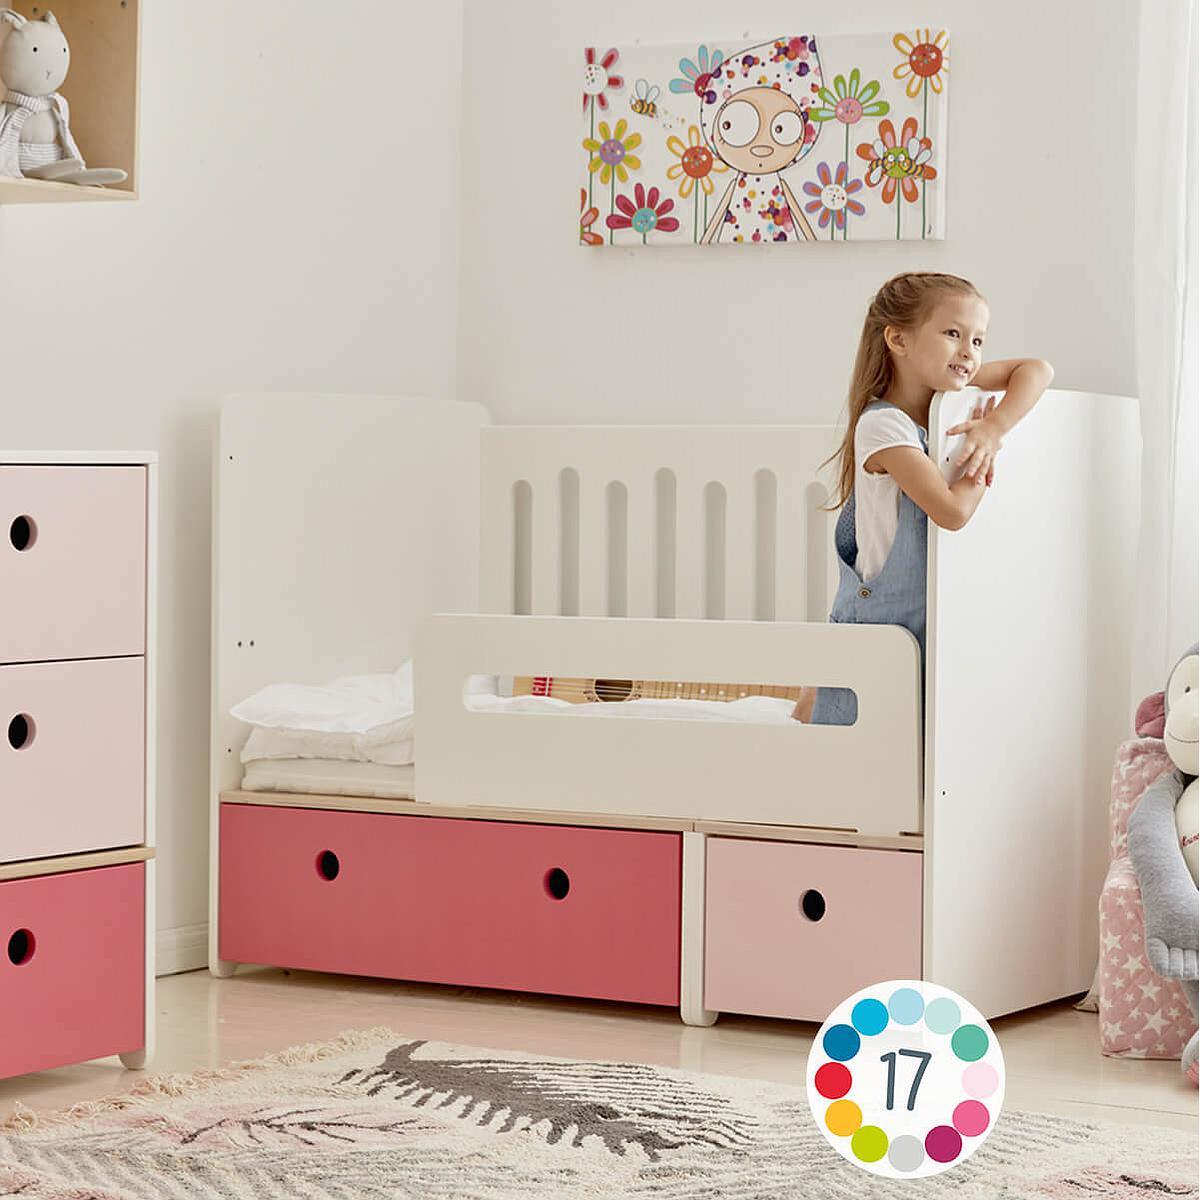 Babybett mitwachsend 70x140cm COLORFLEX sweet pink